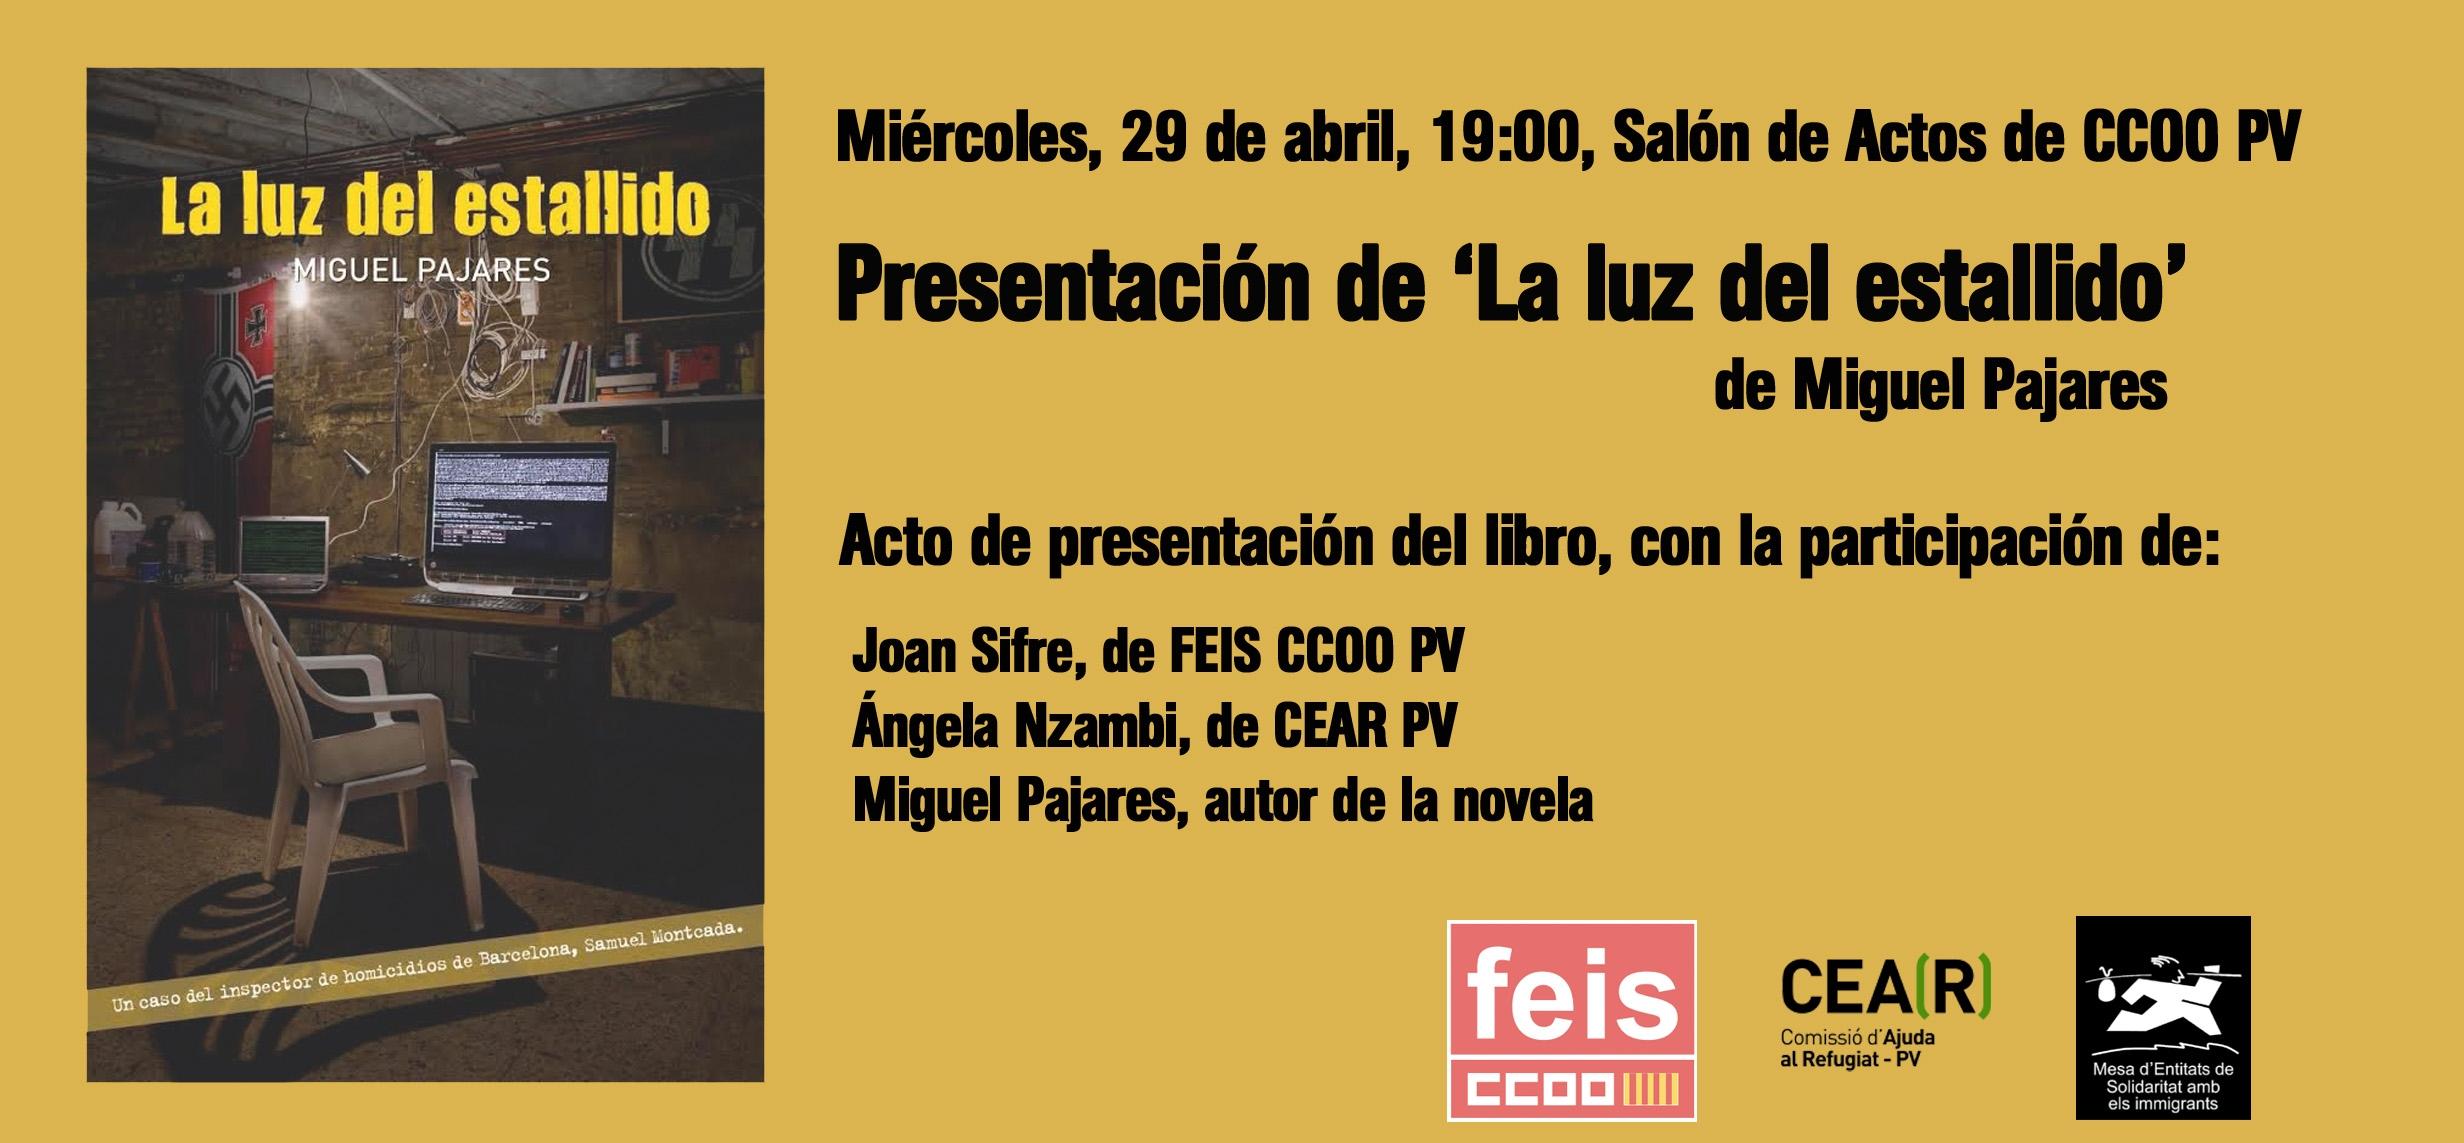 Cartel presentación Luz del estallido-CEAR Valencia